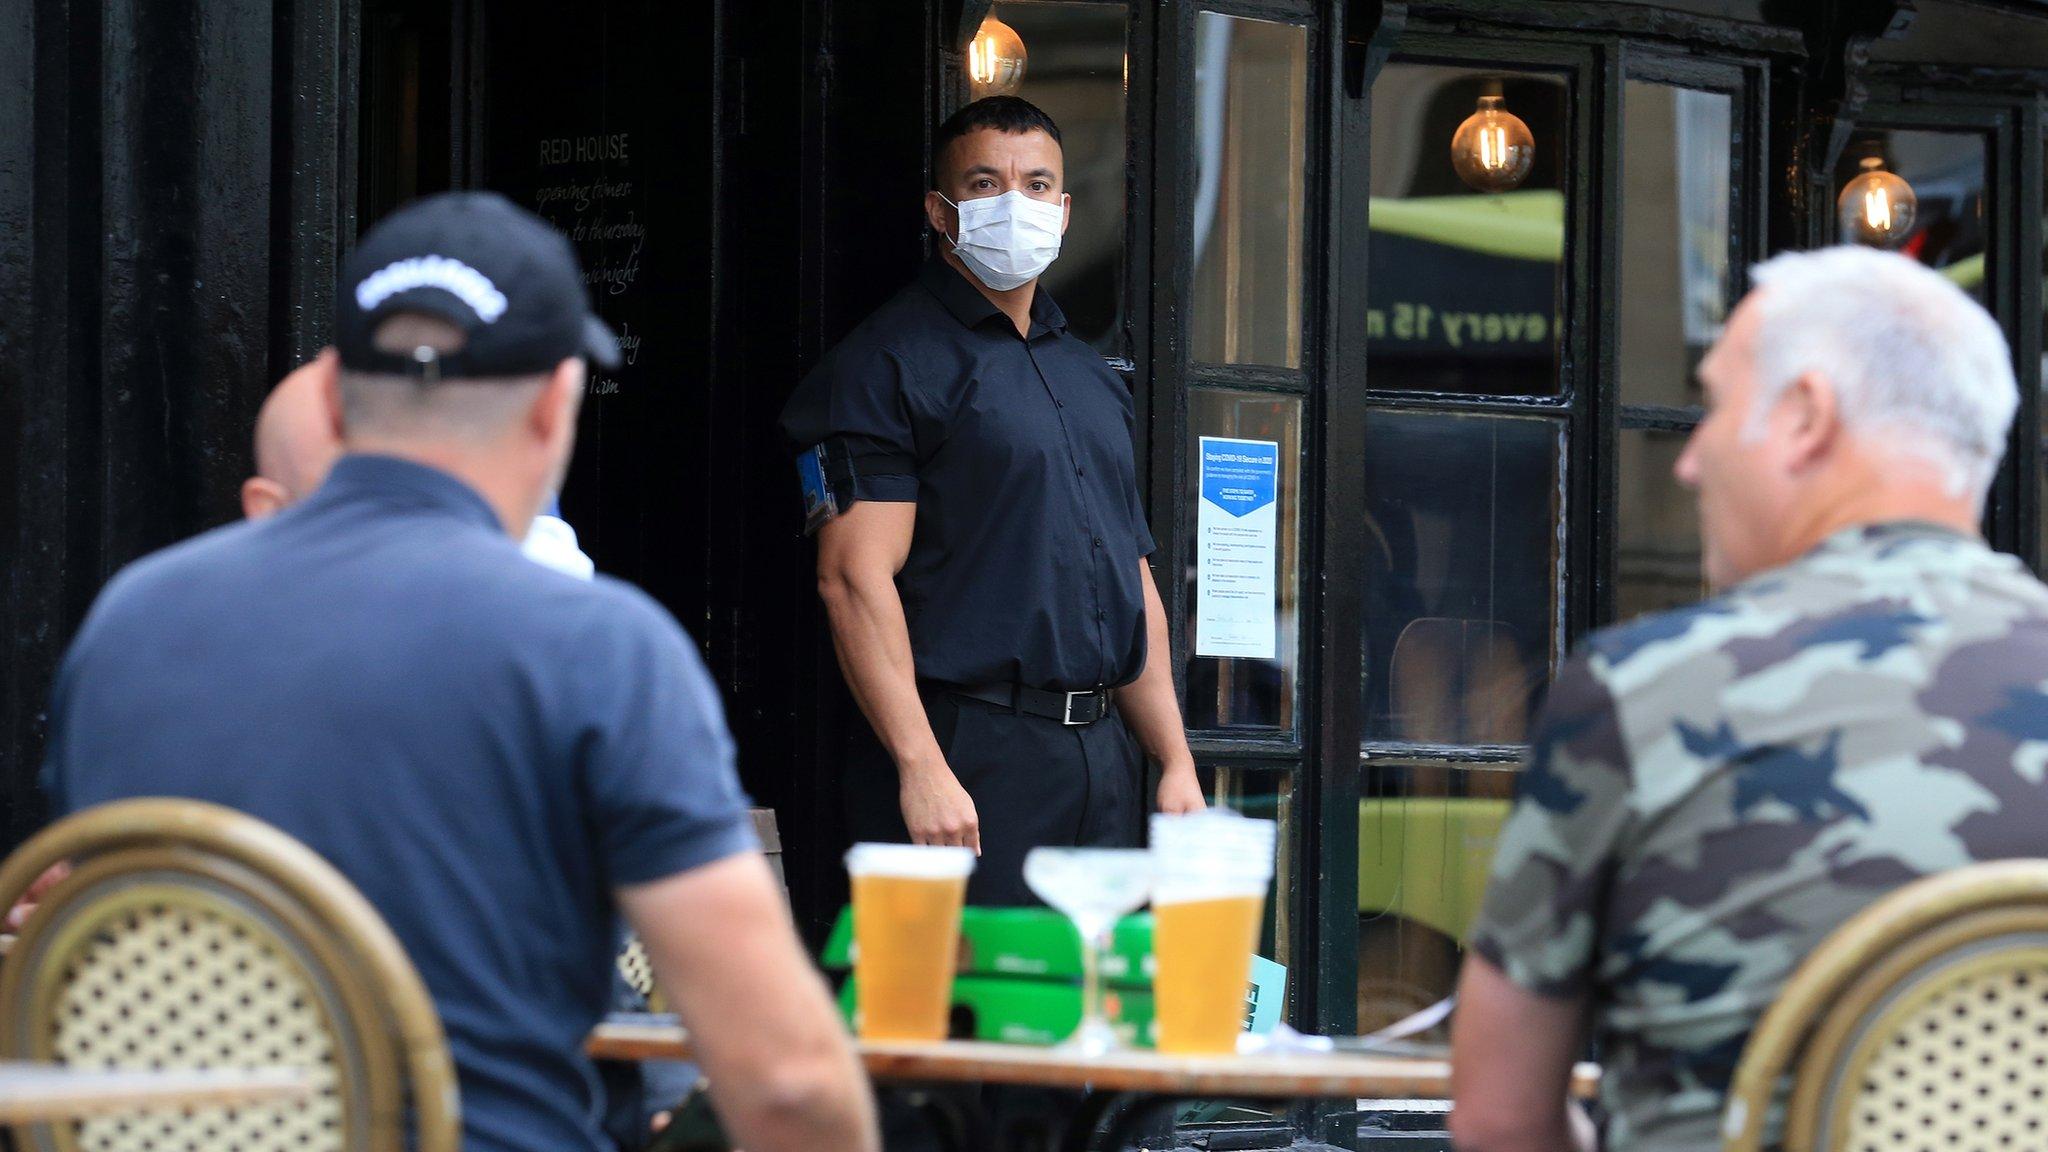 Un portier portant un EPI (équipement de protection individuelle), un masque facial ou une couverture par mesure de précaution contre la propagation du COVID-19, se tient en service alors que les clients sont assis avec leurs boissons dans un pub rouvert à Newcastle